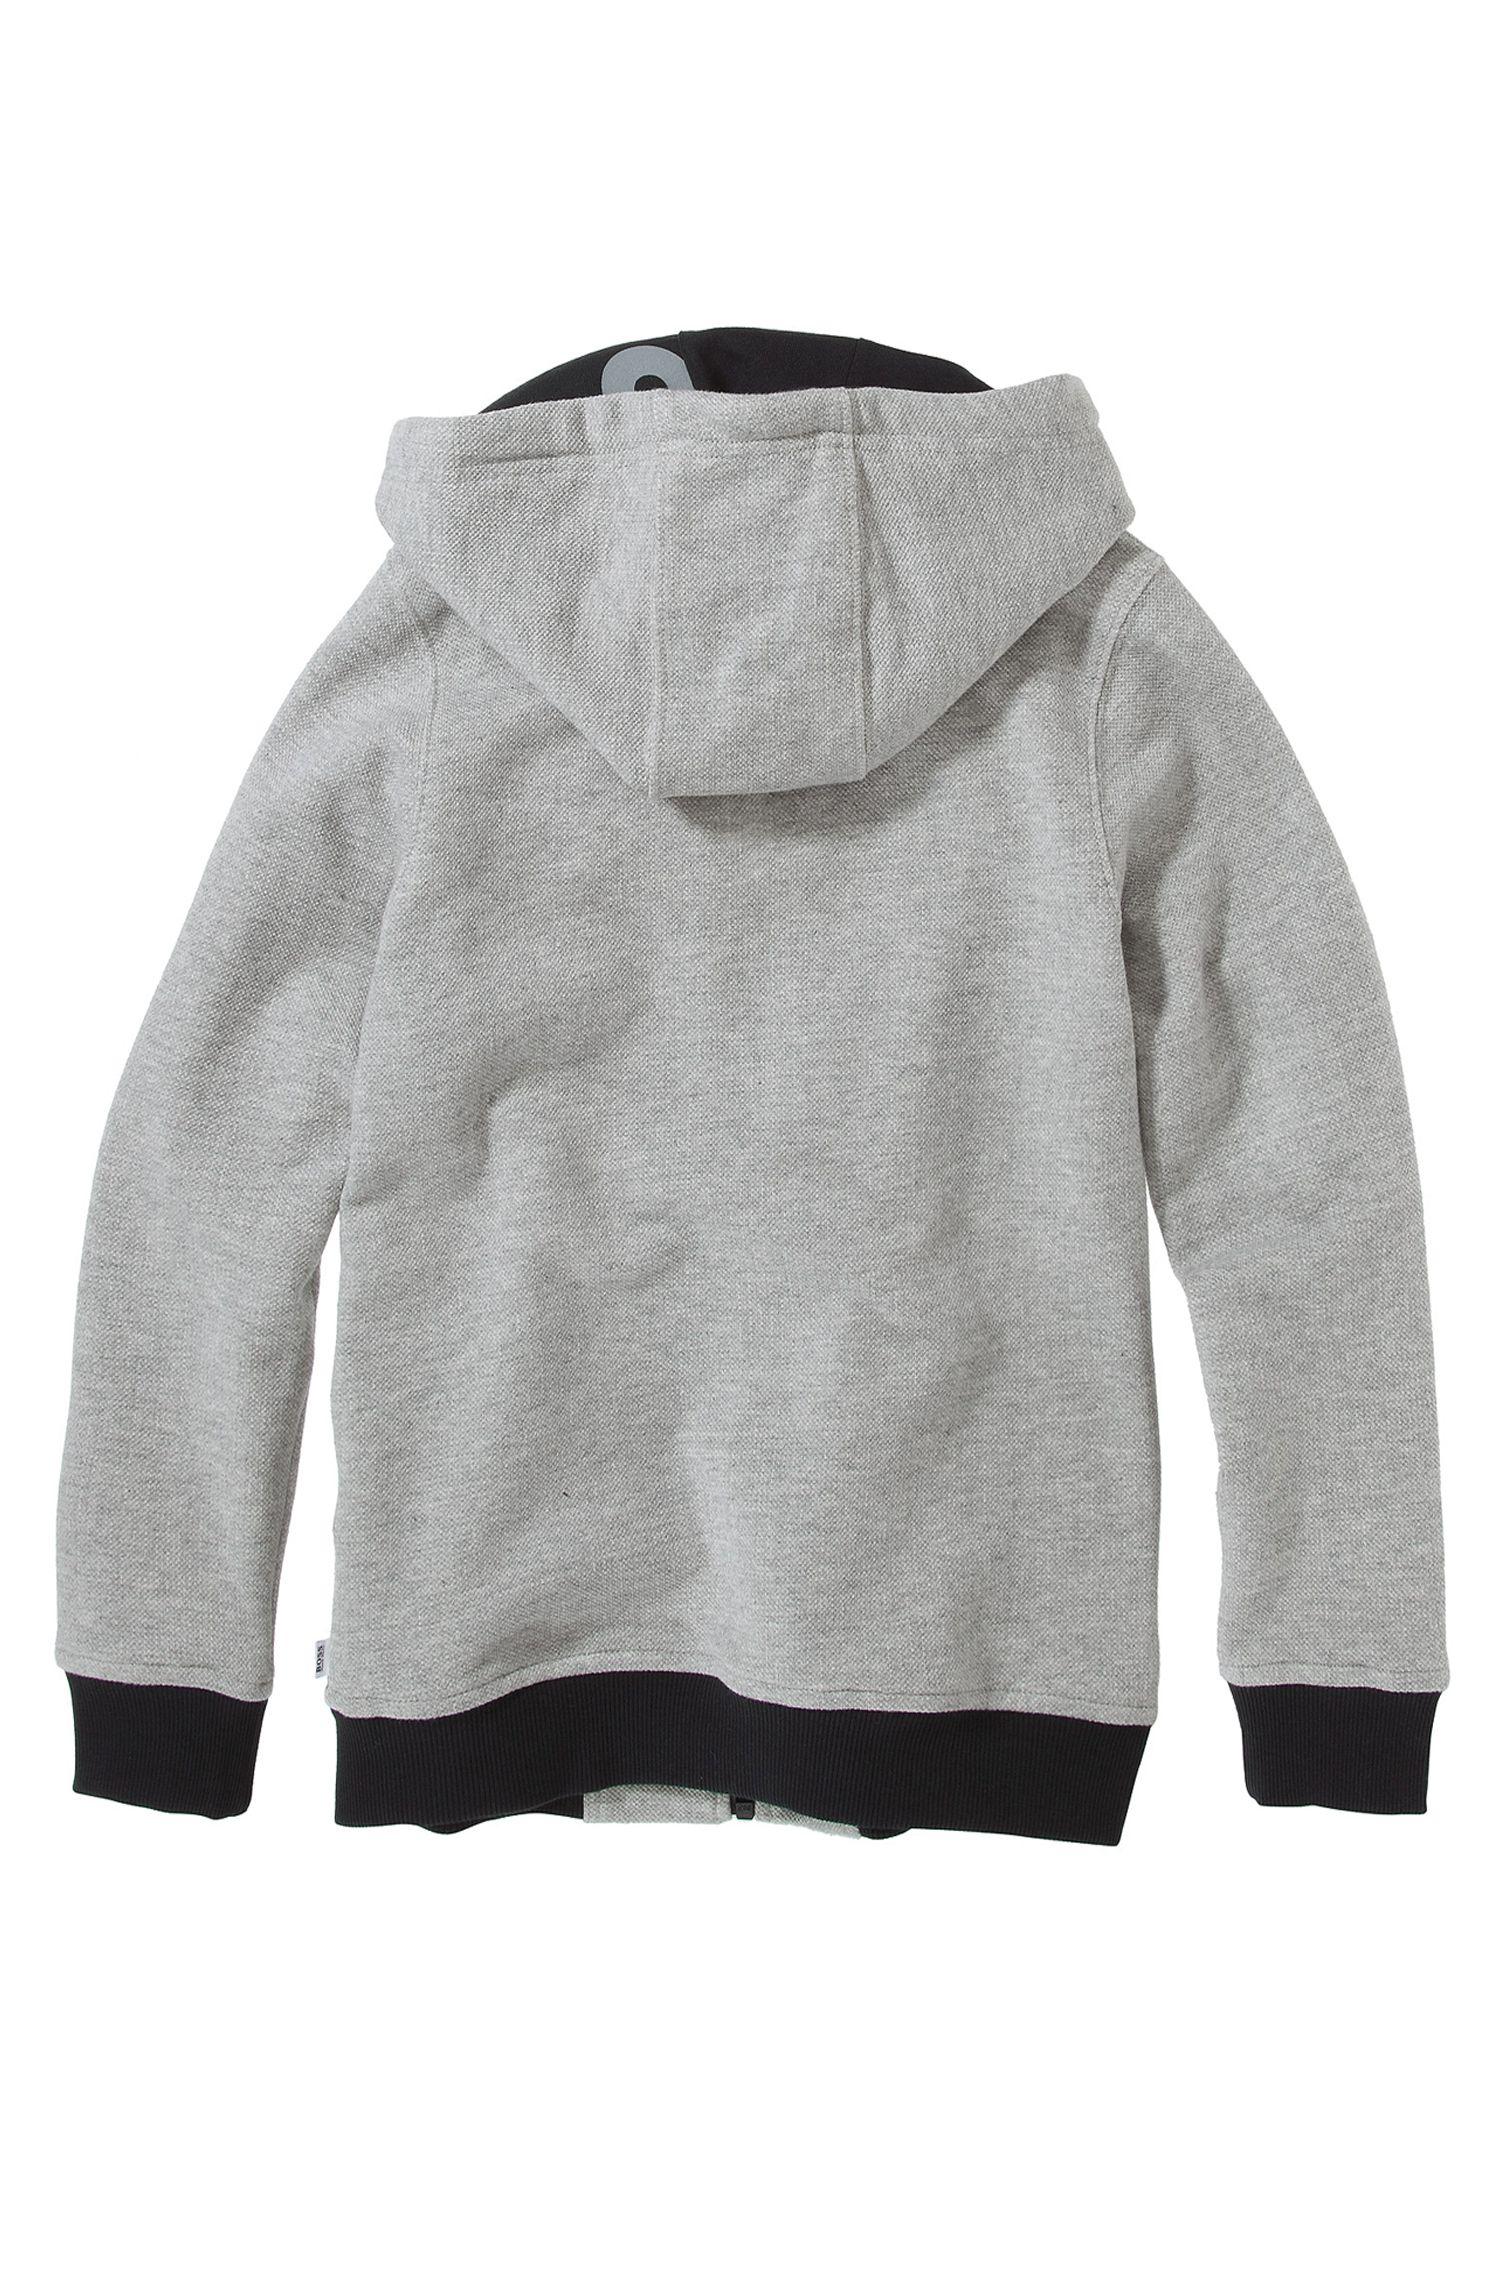 'J25656' | Boys Fleece Hooded Sweatshirt